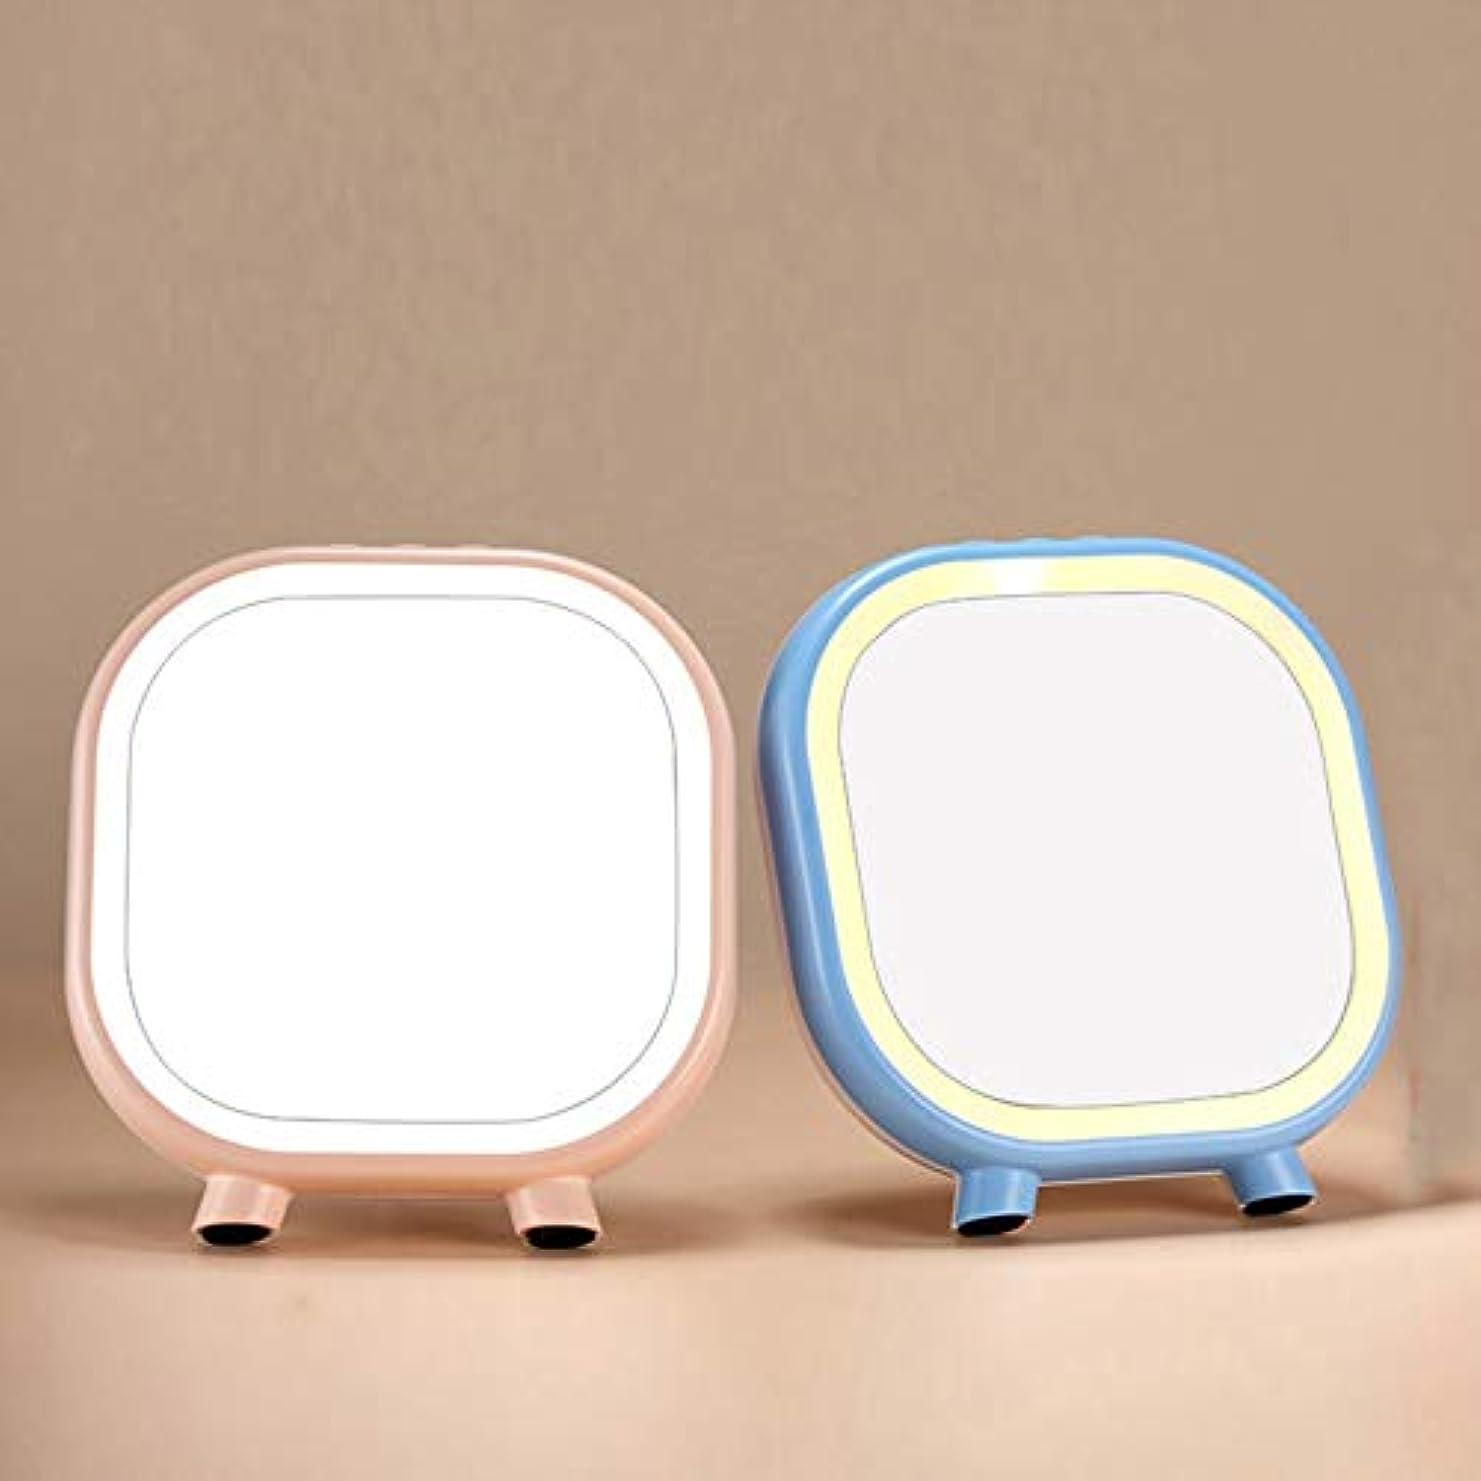 水素パーツ病流行の クリエイティブ新しいLED照明ブルートゥーススピーカー美容ミラー化粧鏡化粧鏡ABS材料2ブルーブルー (色 : Blue)